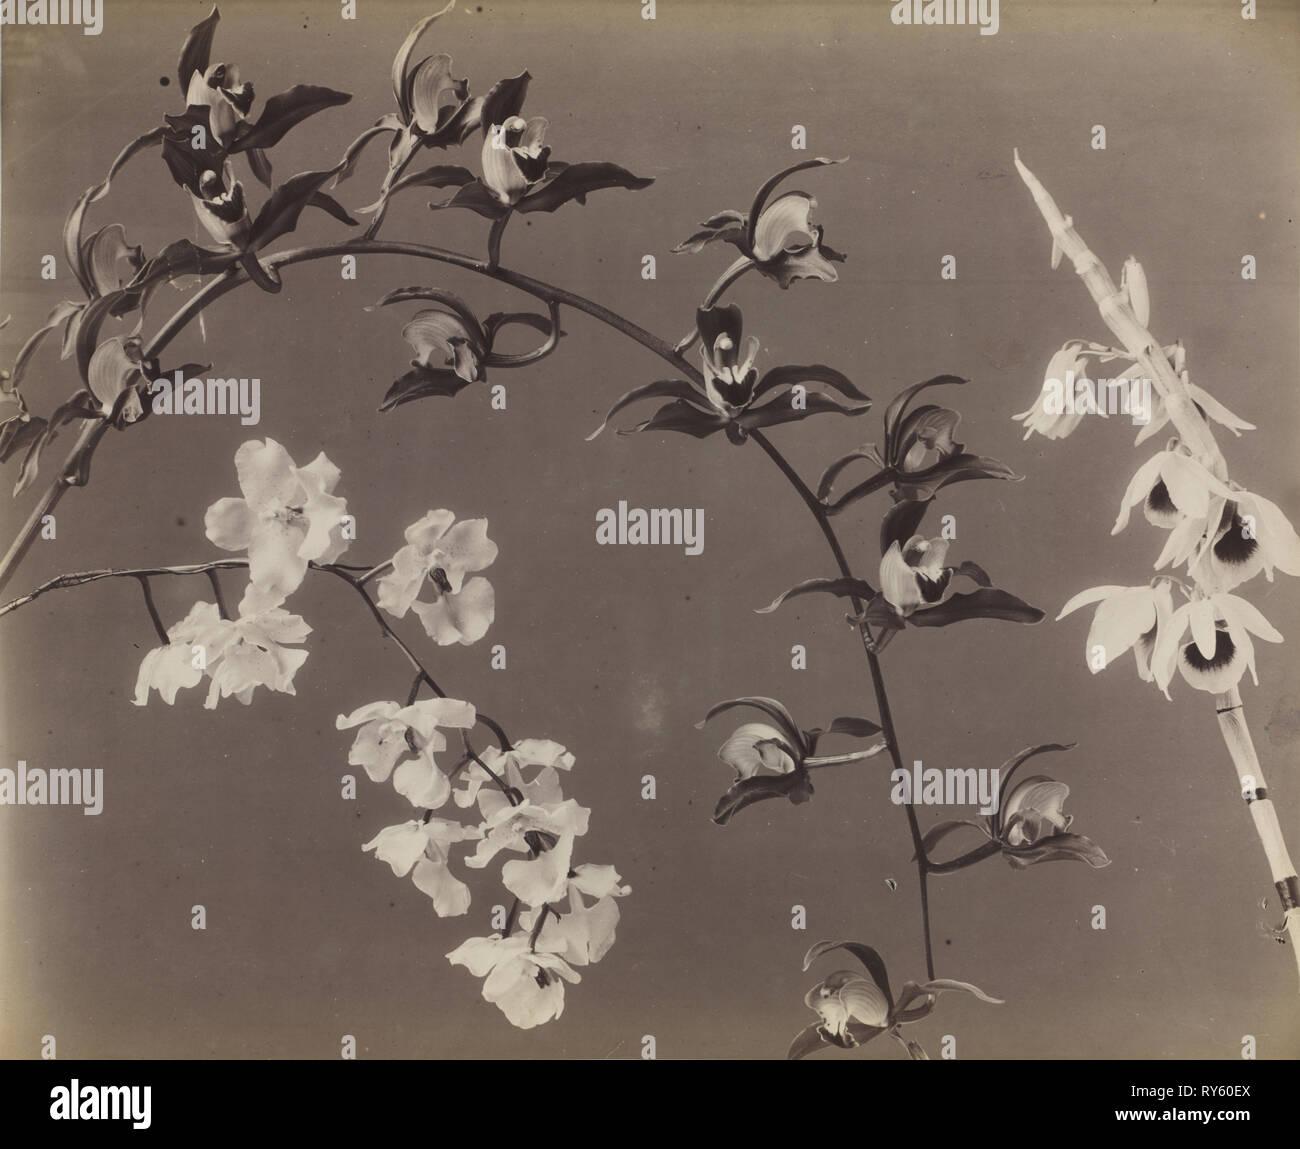 Étude des orchidées, c. Années 1870. Photographe non identifié. L'albumine à partir de négatifs au collodion humide; Image: 38 x 46,4 cm (14 15/16 x 18 1/4 in.); Papier: 48 x 63,2 cm (18 7/8 x 24 7/8 in.); enchevêtrées: 61 x 71,1 cm (24 x 28 dans Banque D'Images